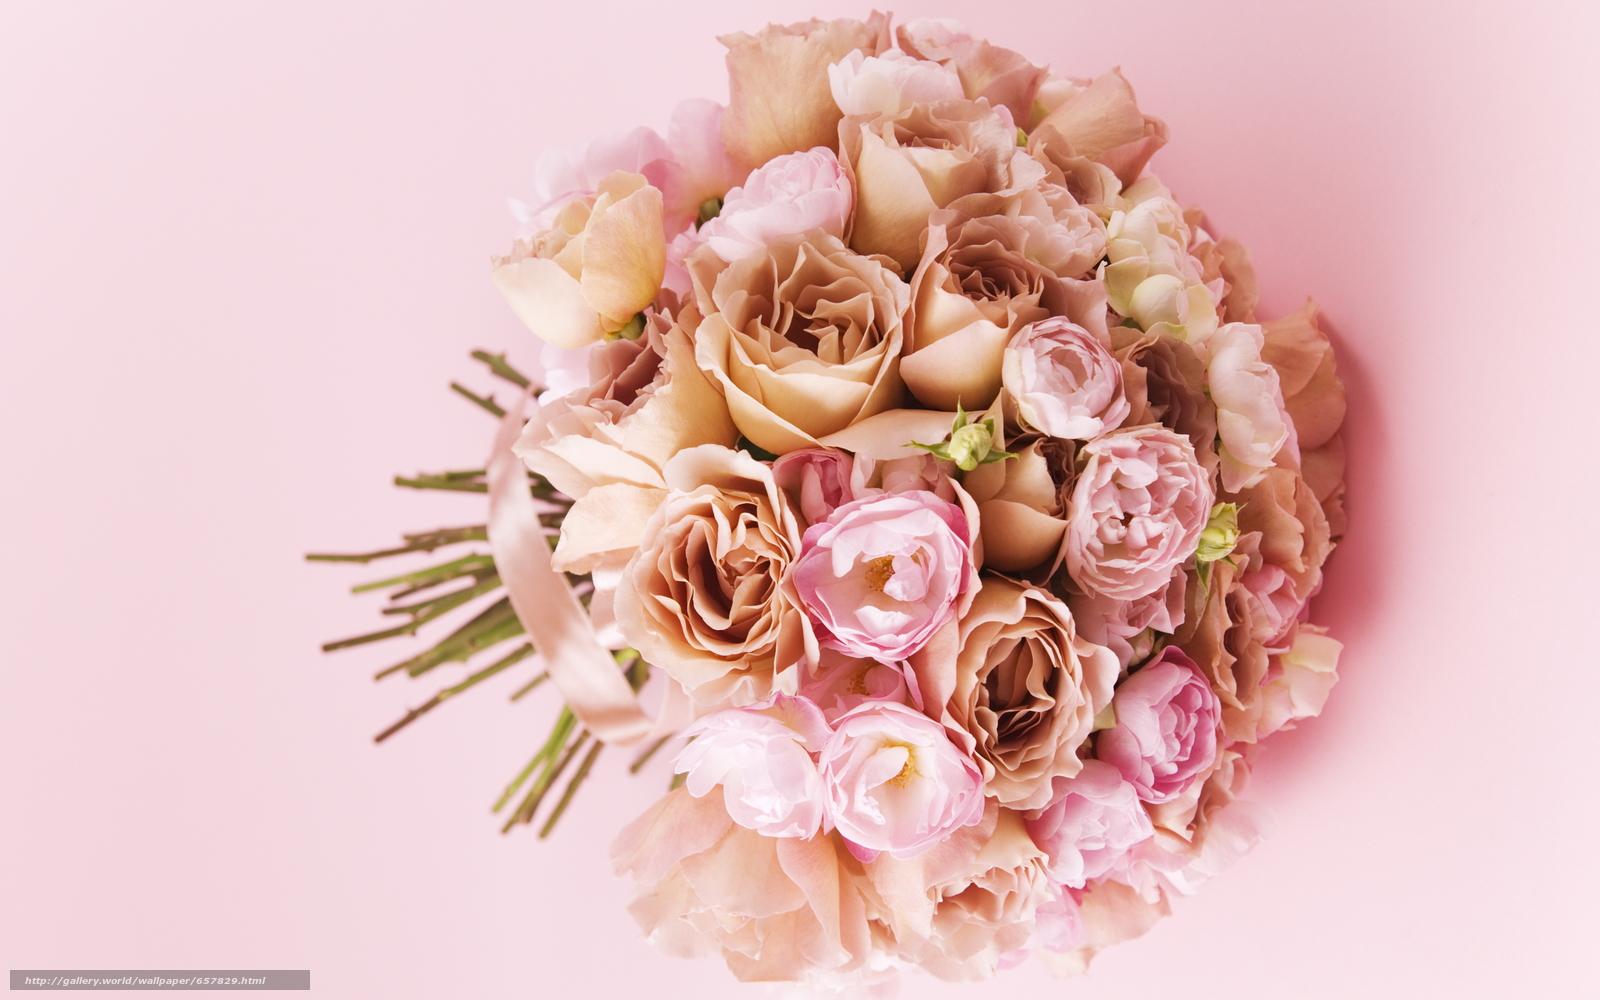 Скачать обои цветы,  цветок,  роза,  розы бесплатно для рабочего стола в разрешении 2950x1843 — картинка №657829